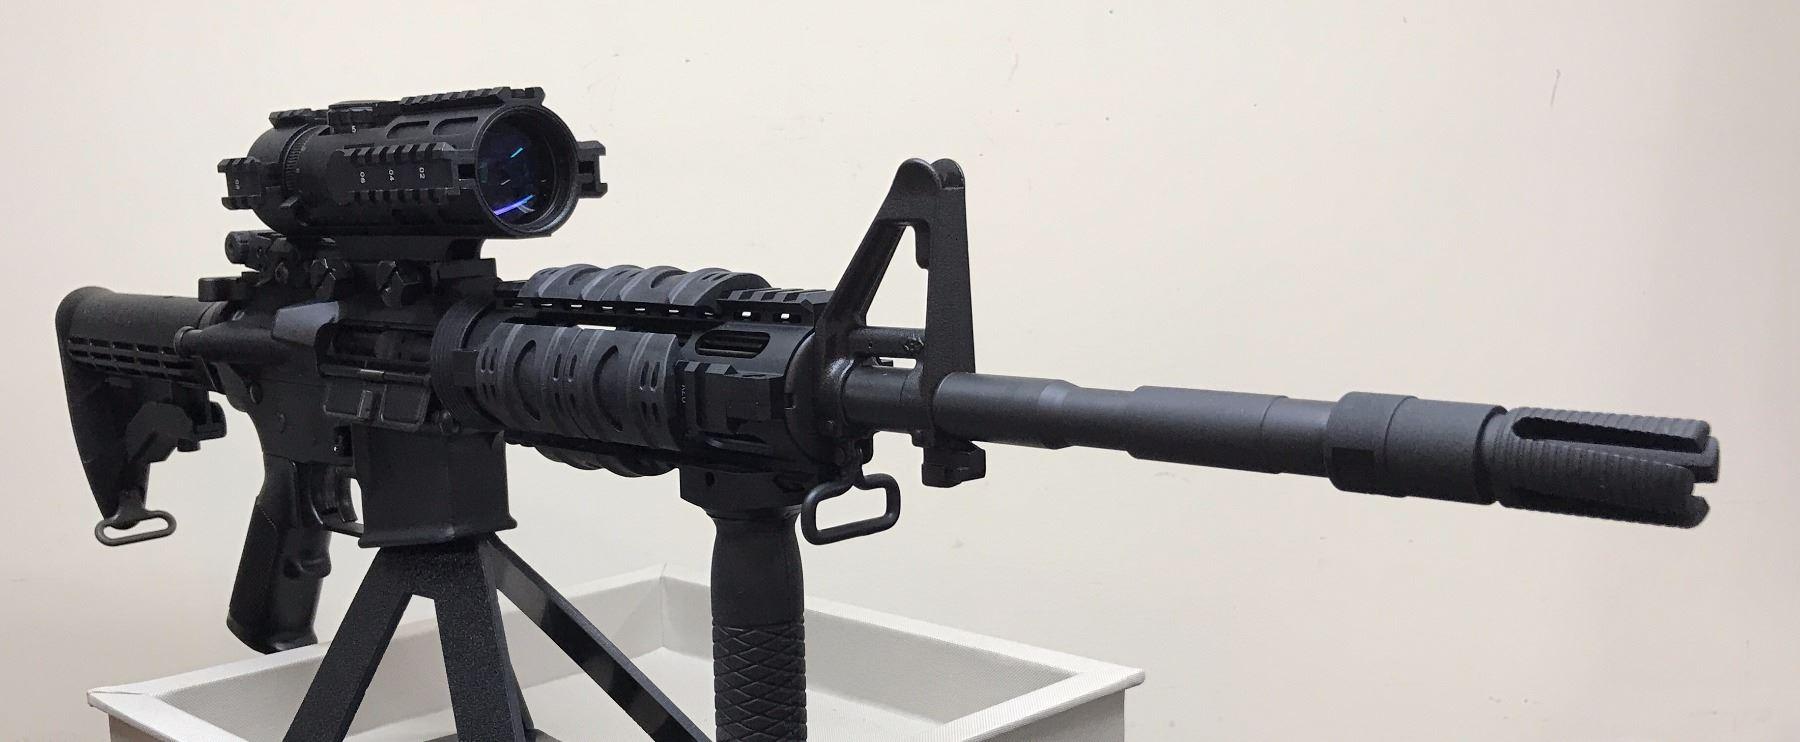 Colt M4 AR-15 Tactical Barrel, extras